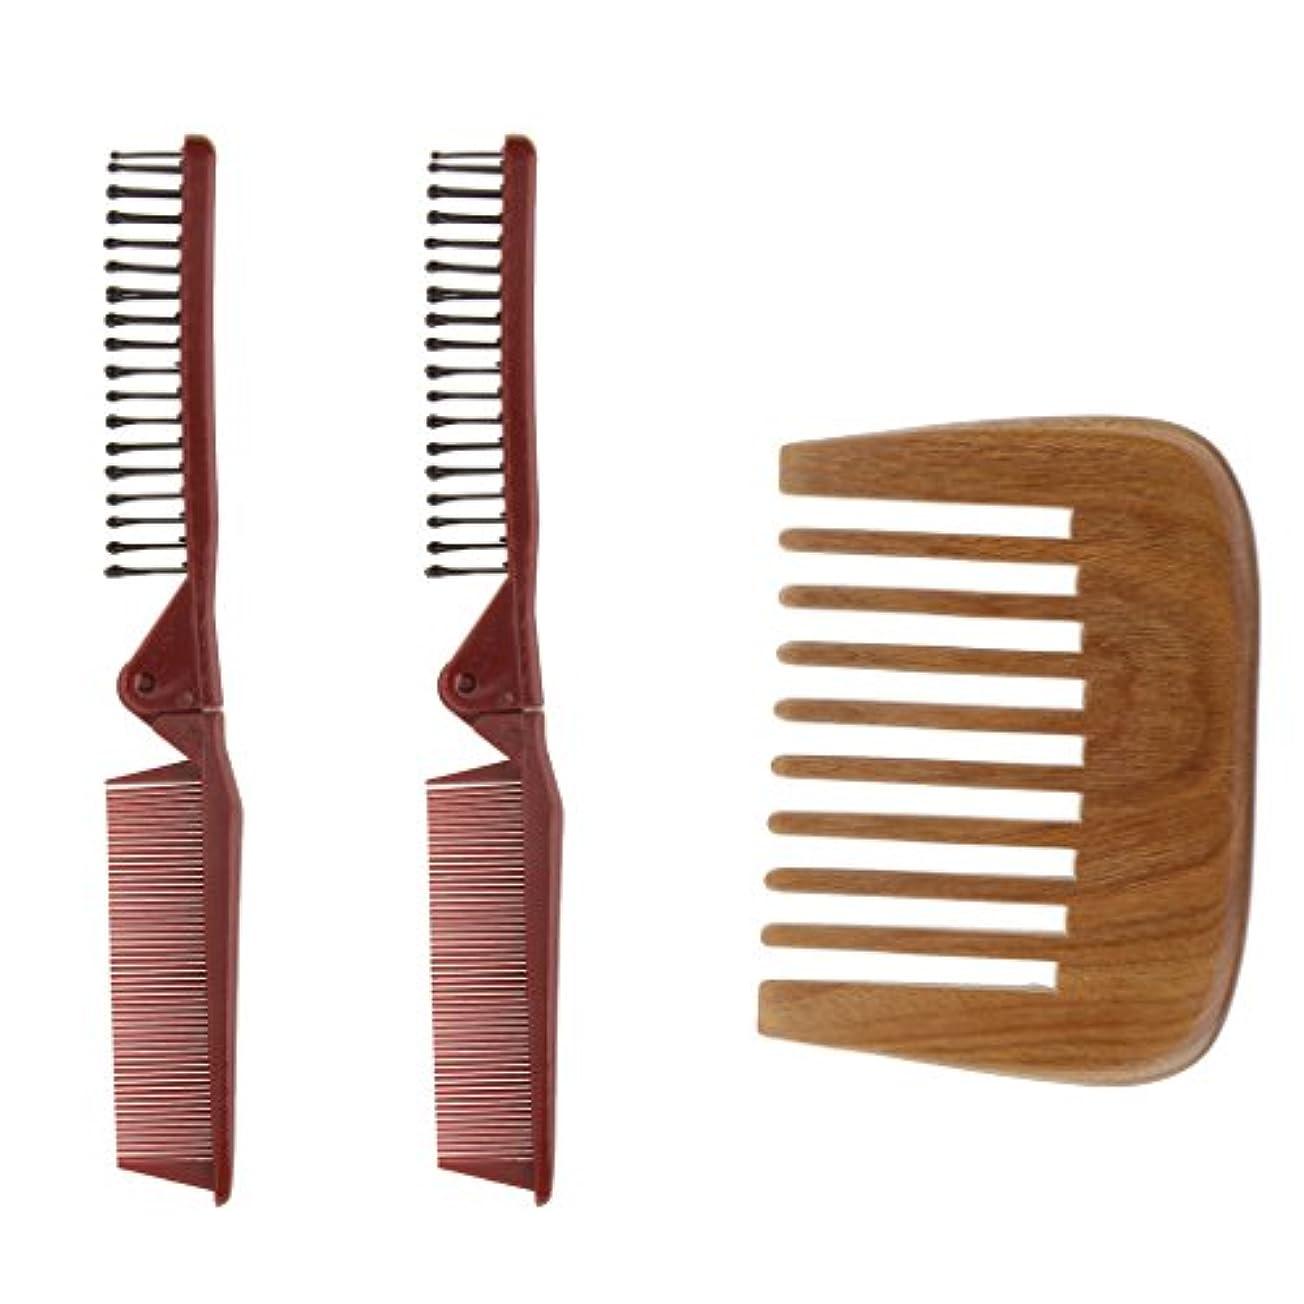 申し立てエレメンタル保険をかけるCUTICATE 3帯電防止髪くしセット理髪折りたたみブラシスタイリングポケット旅行